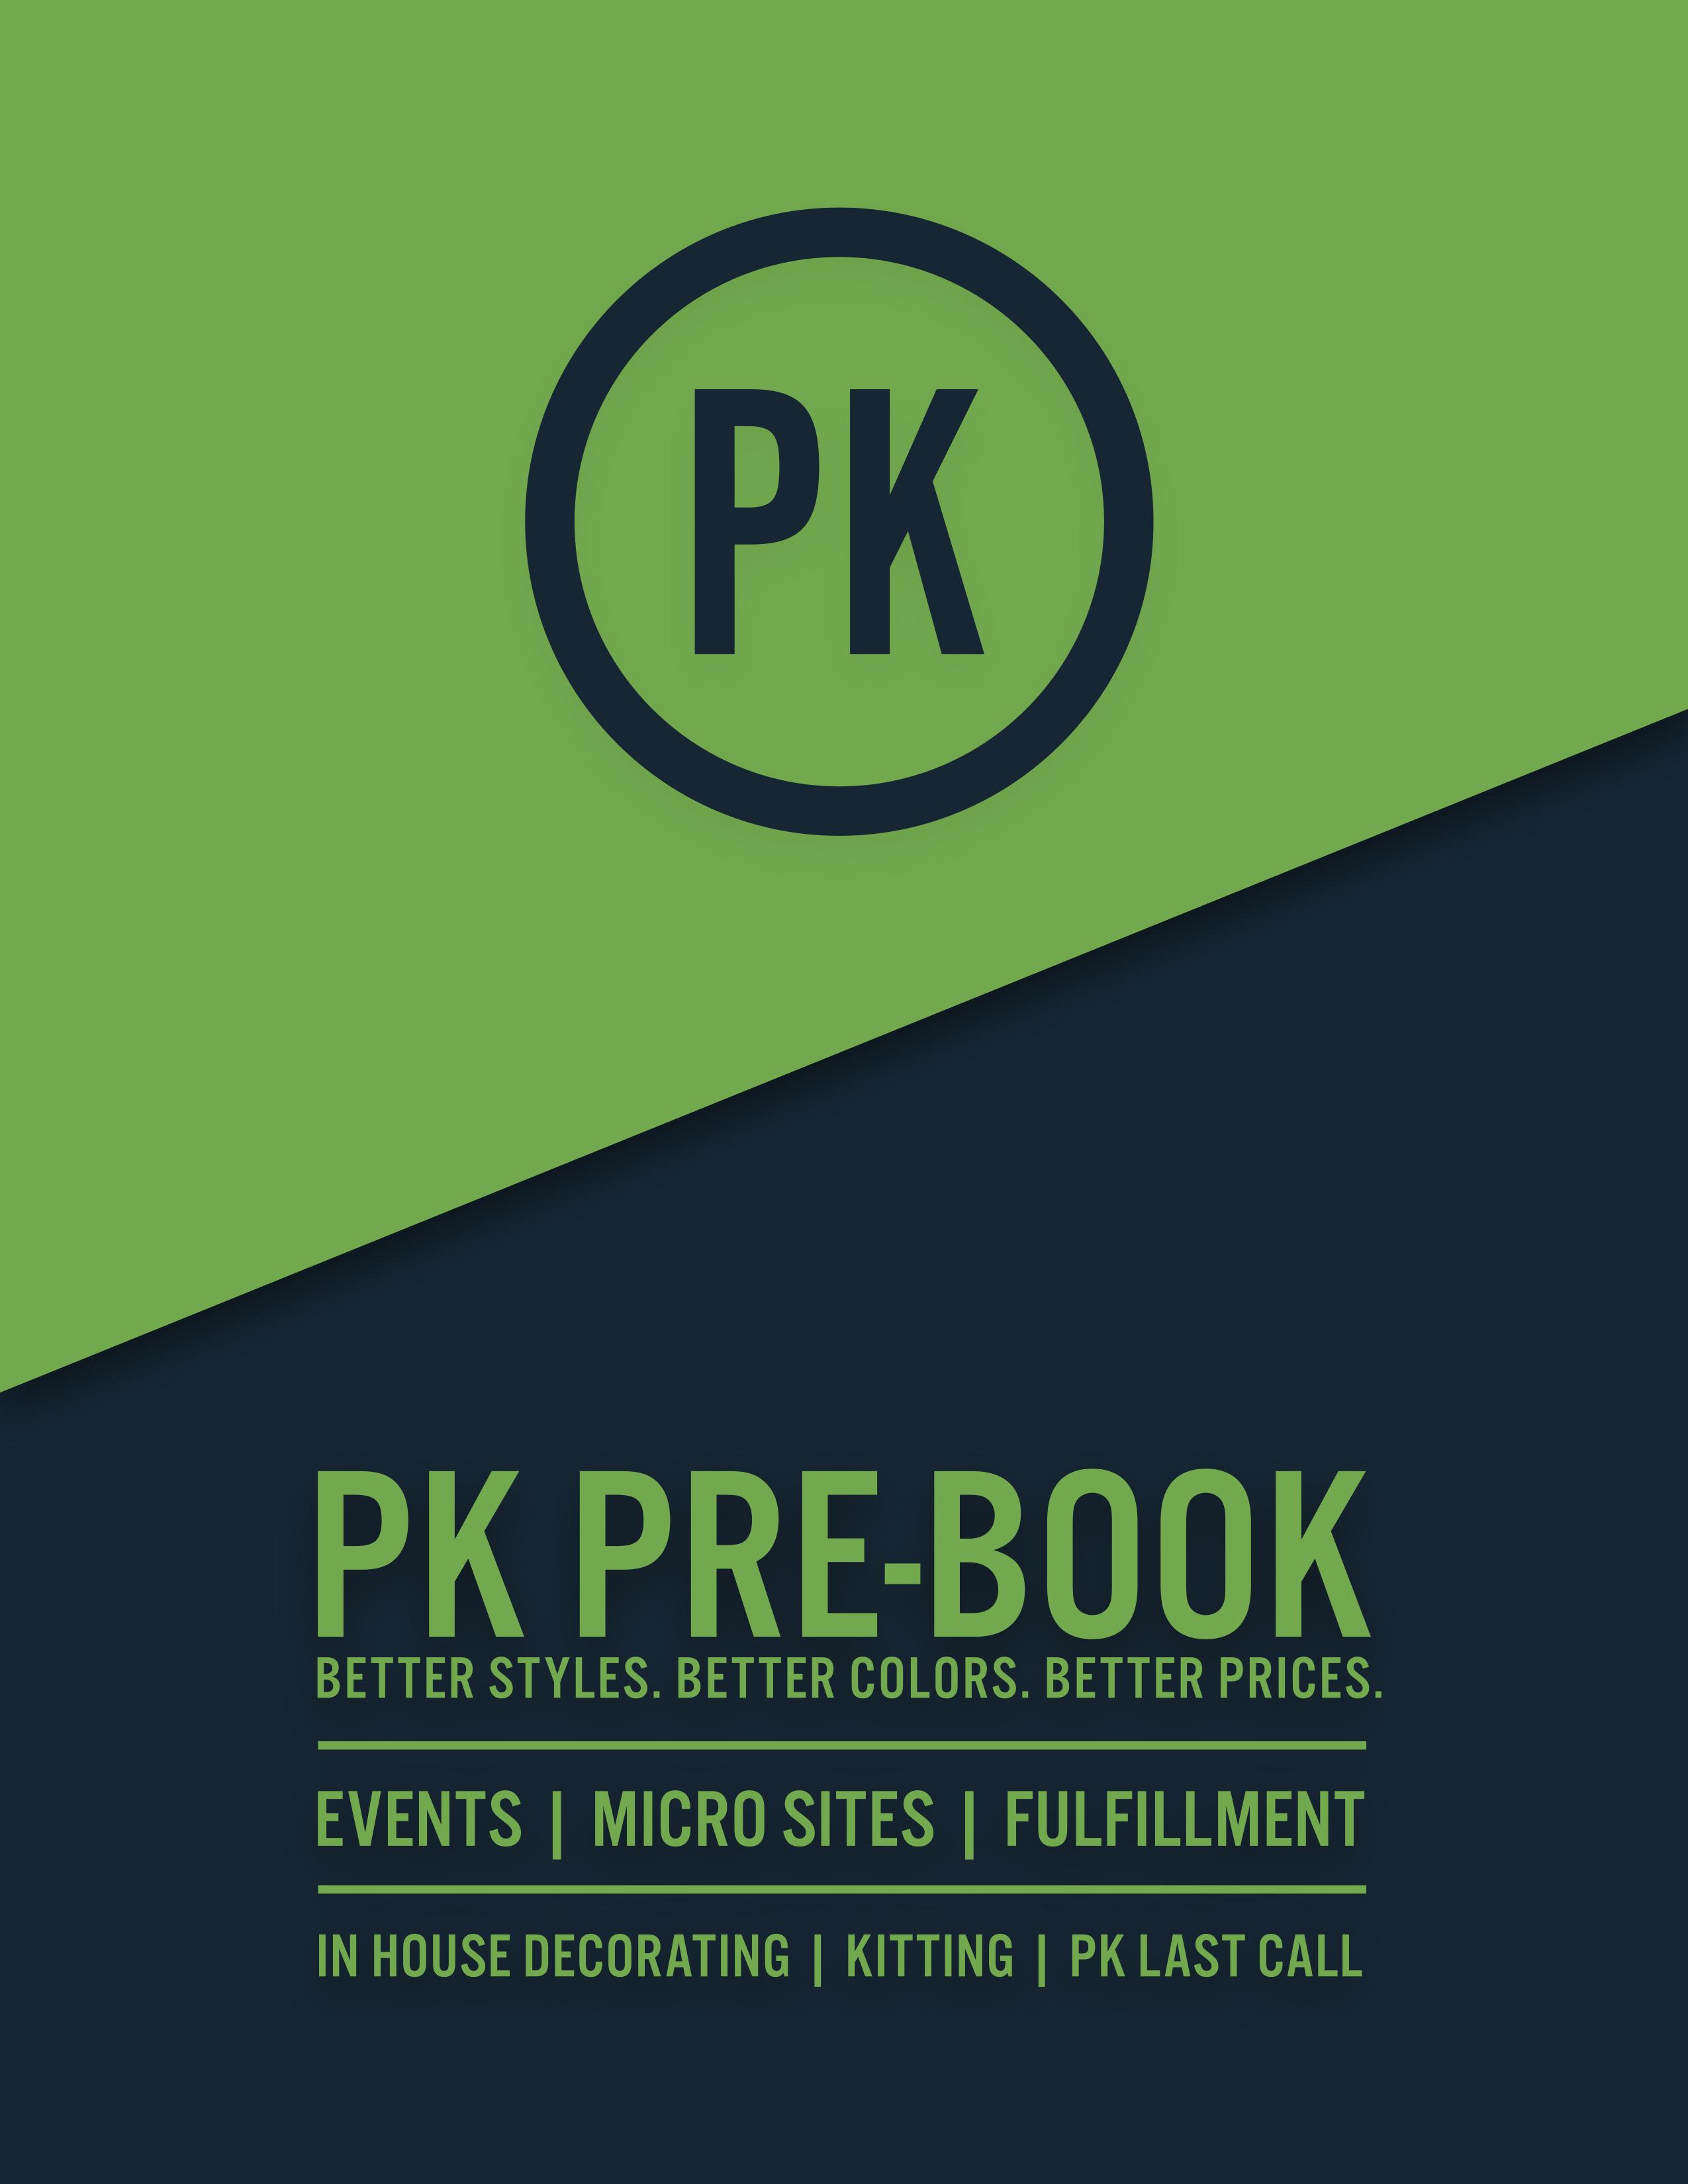 PK Services